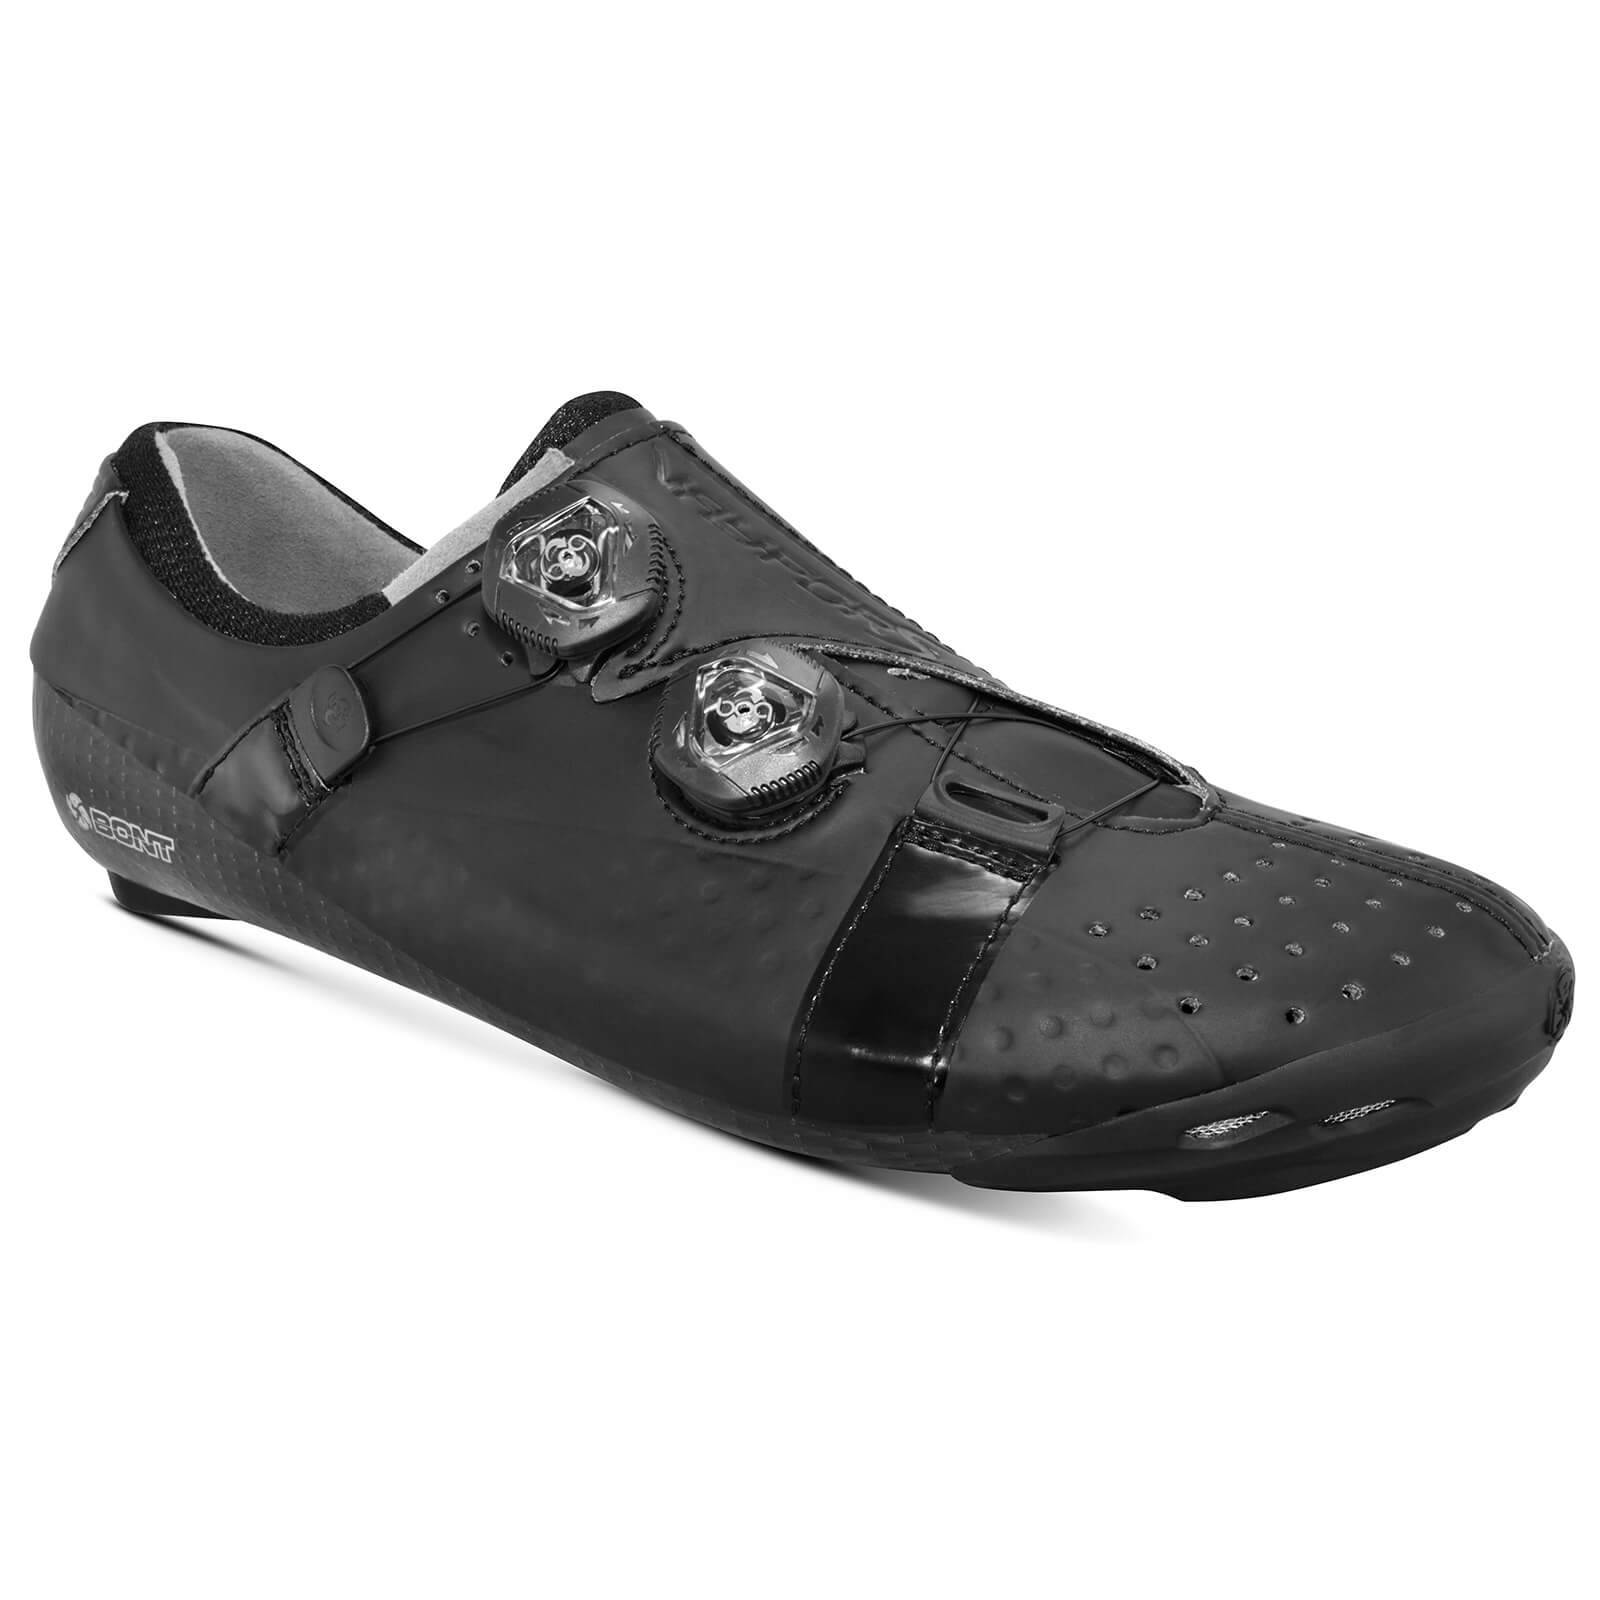 Bont Vaypor S Road Shoes - EU 45 - Standard Fit - Black